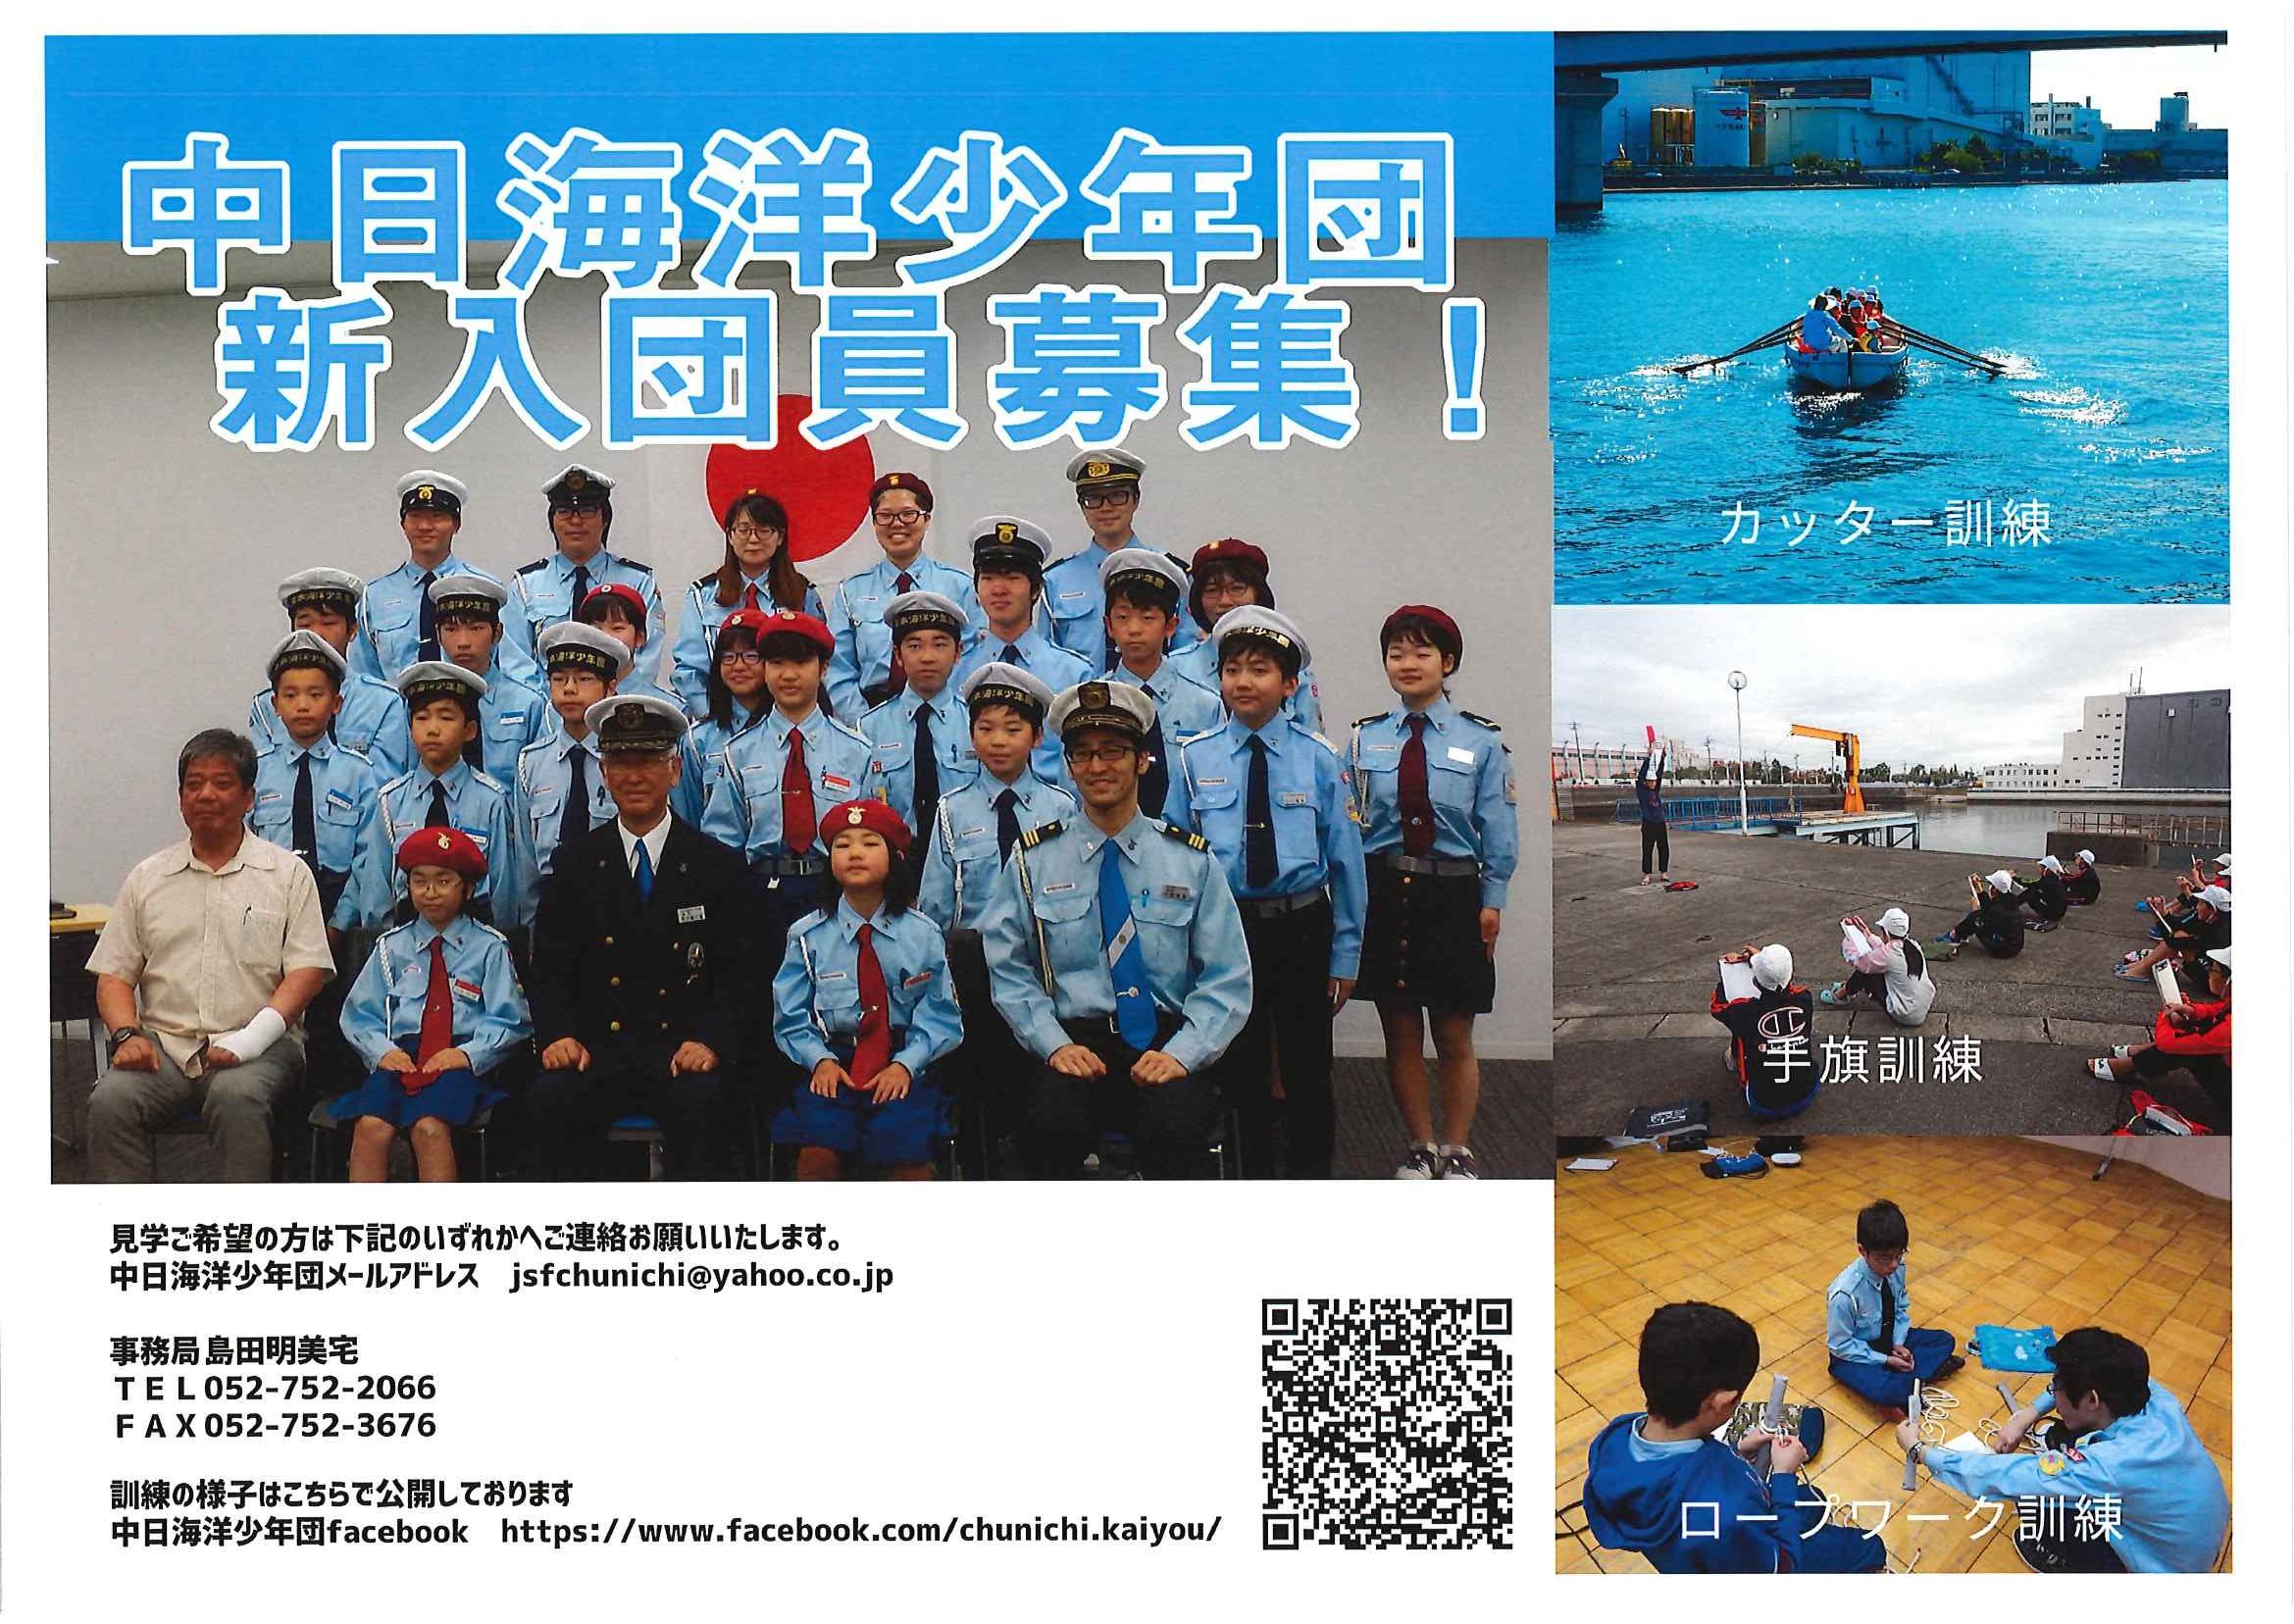 2020年新入団員募集中です、お問い合わせは jsfchunichi@yahoo.co.jp まで_f0110701_15164408.jpg